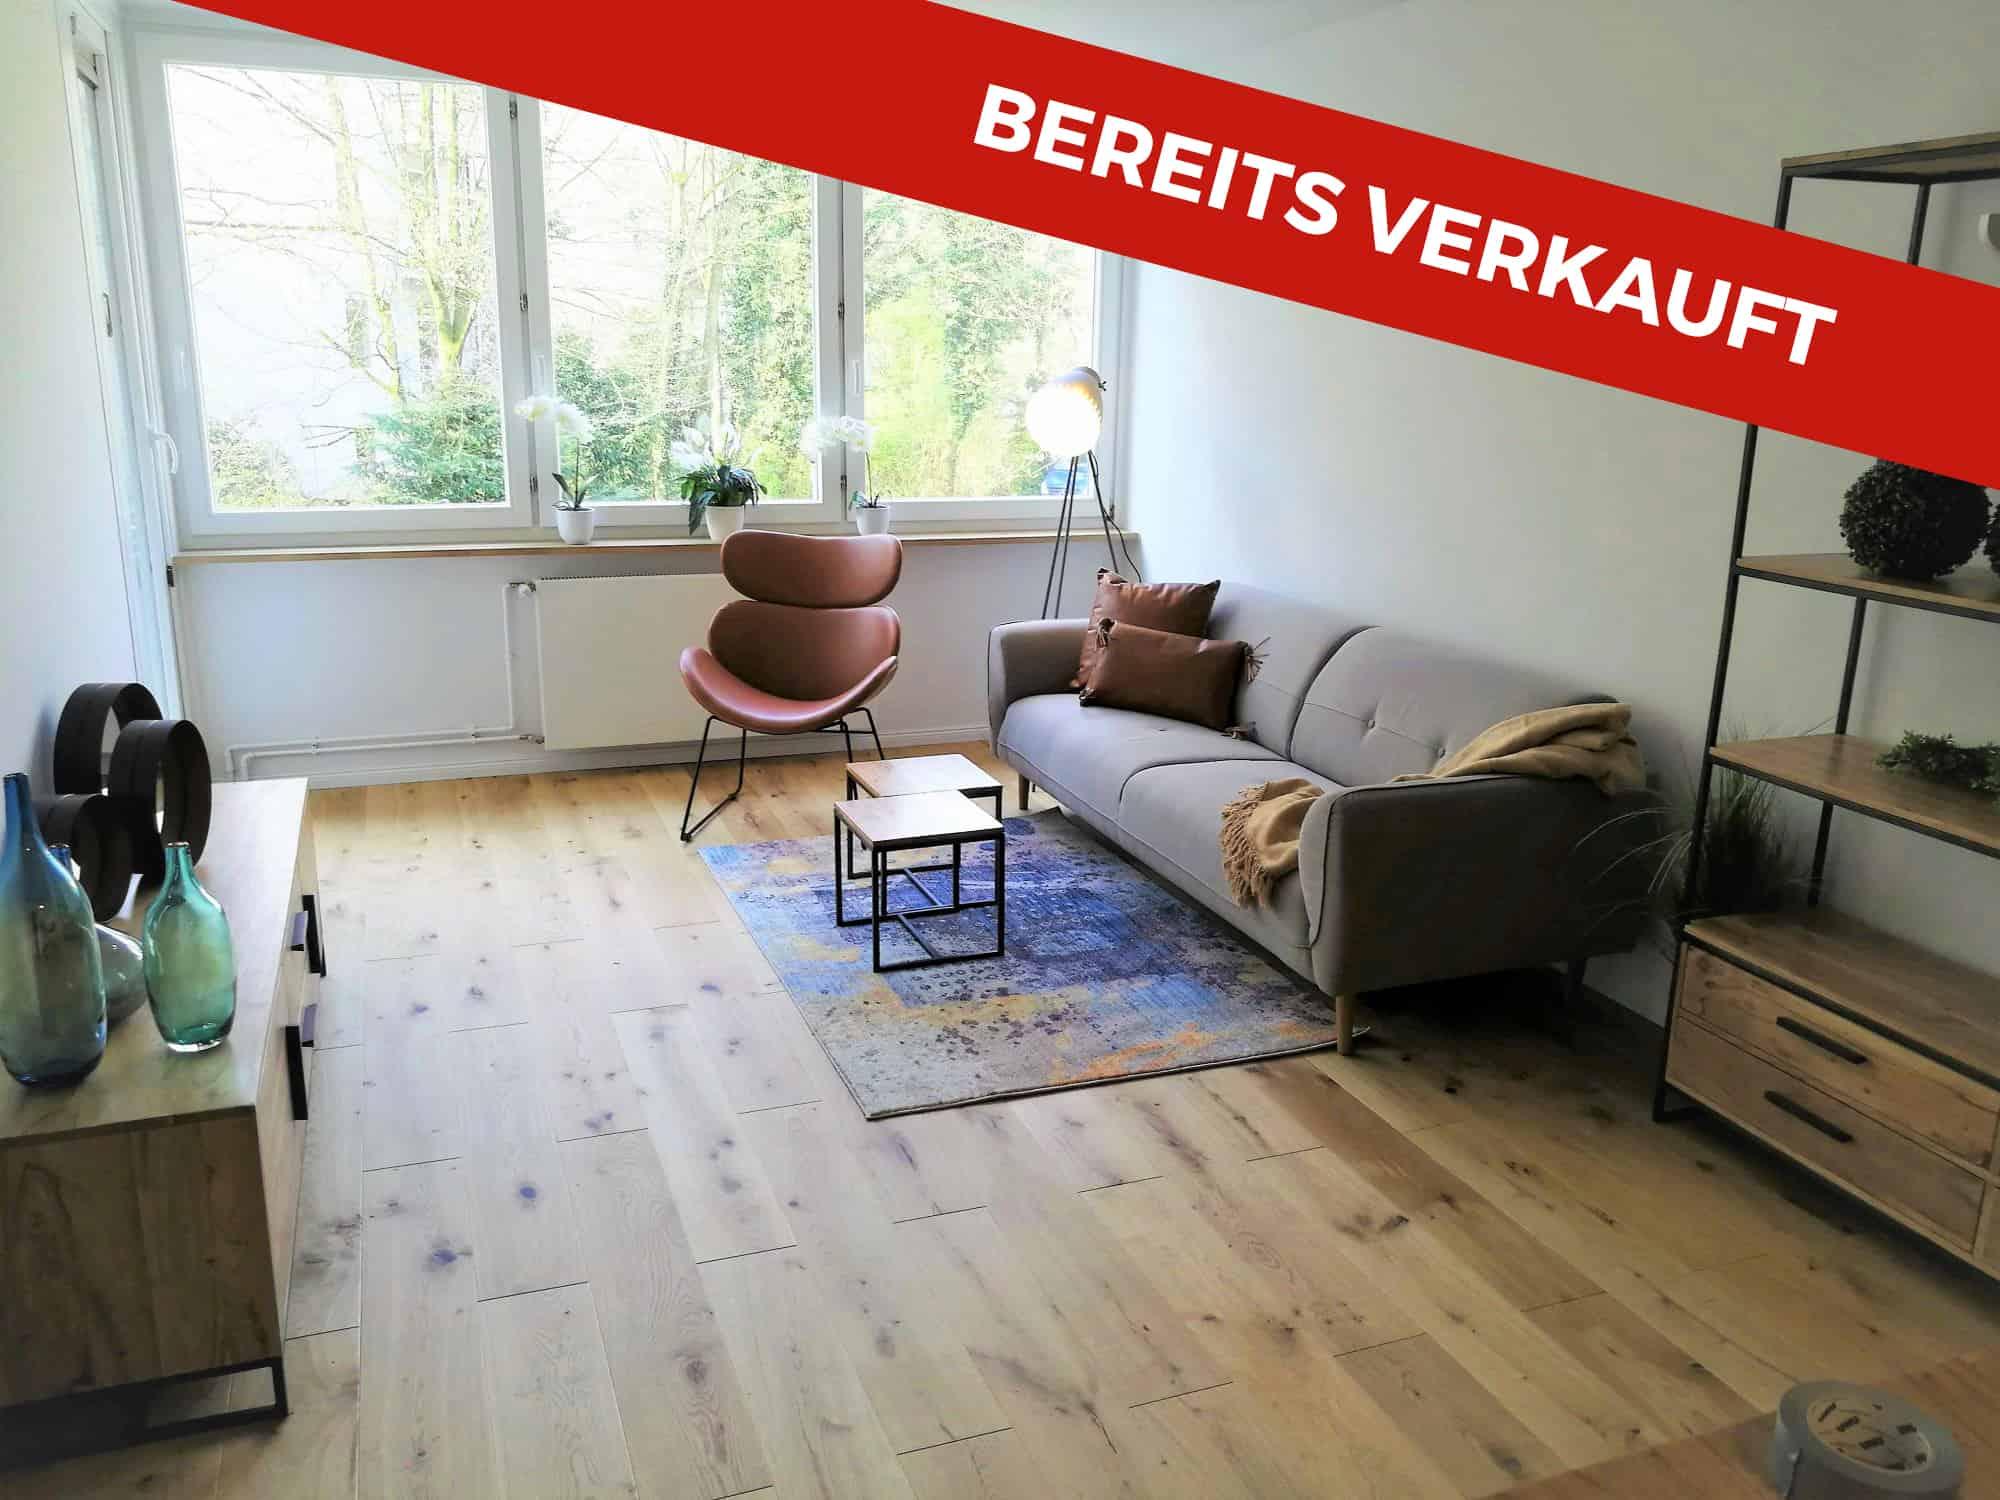 Eigentumswohnung in Hamburg Eppendorf direkt vom Eigentümer - Paul & Paul Immobilien GmbH - leider bereits verkauft